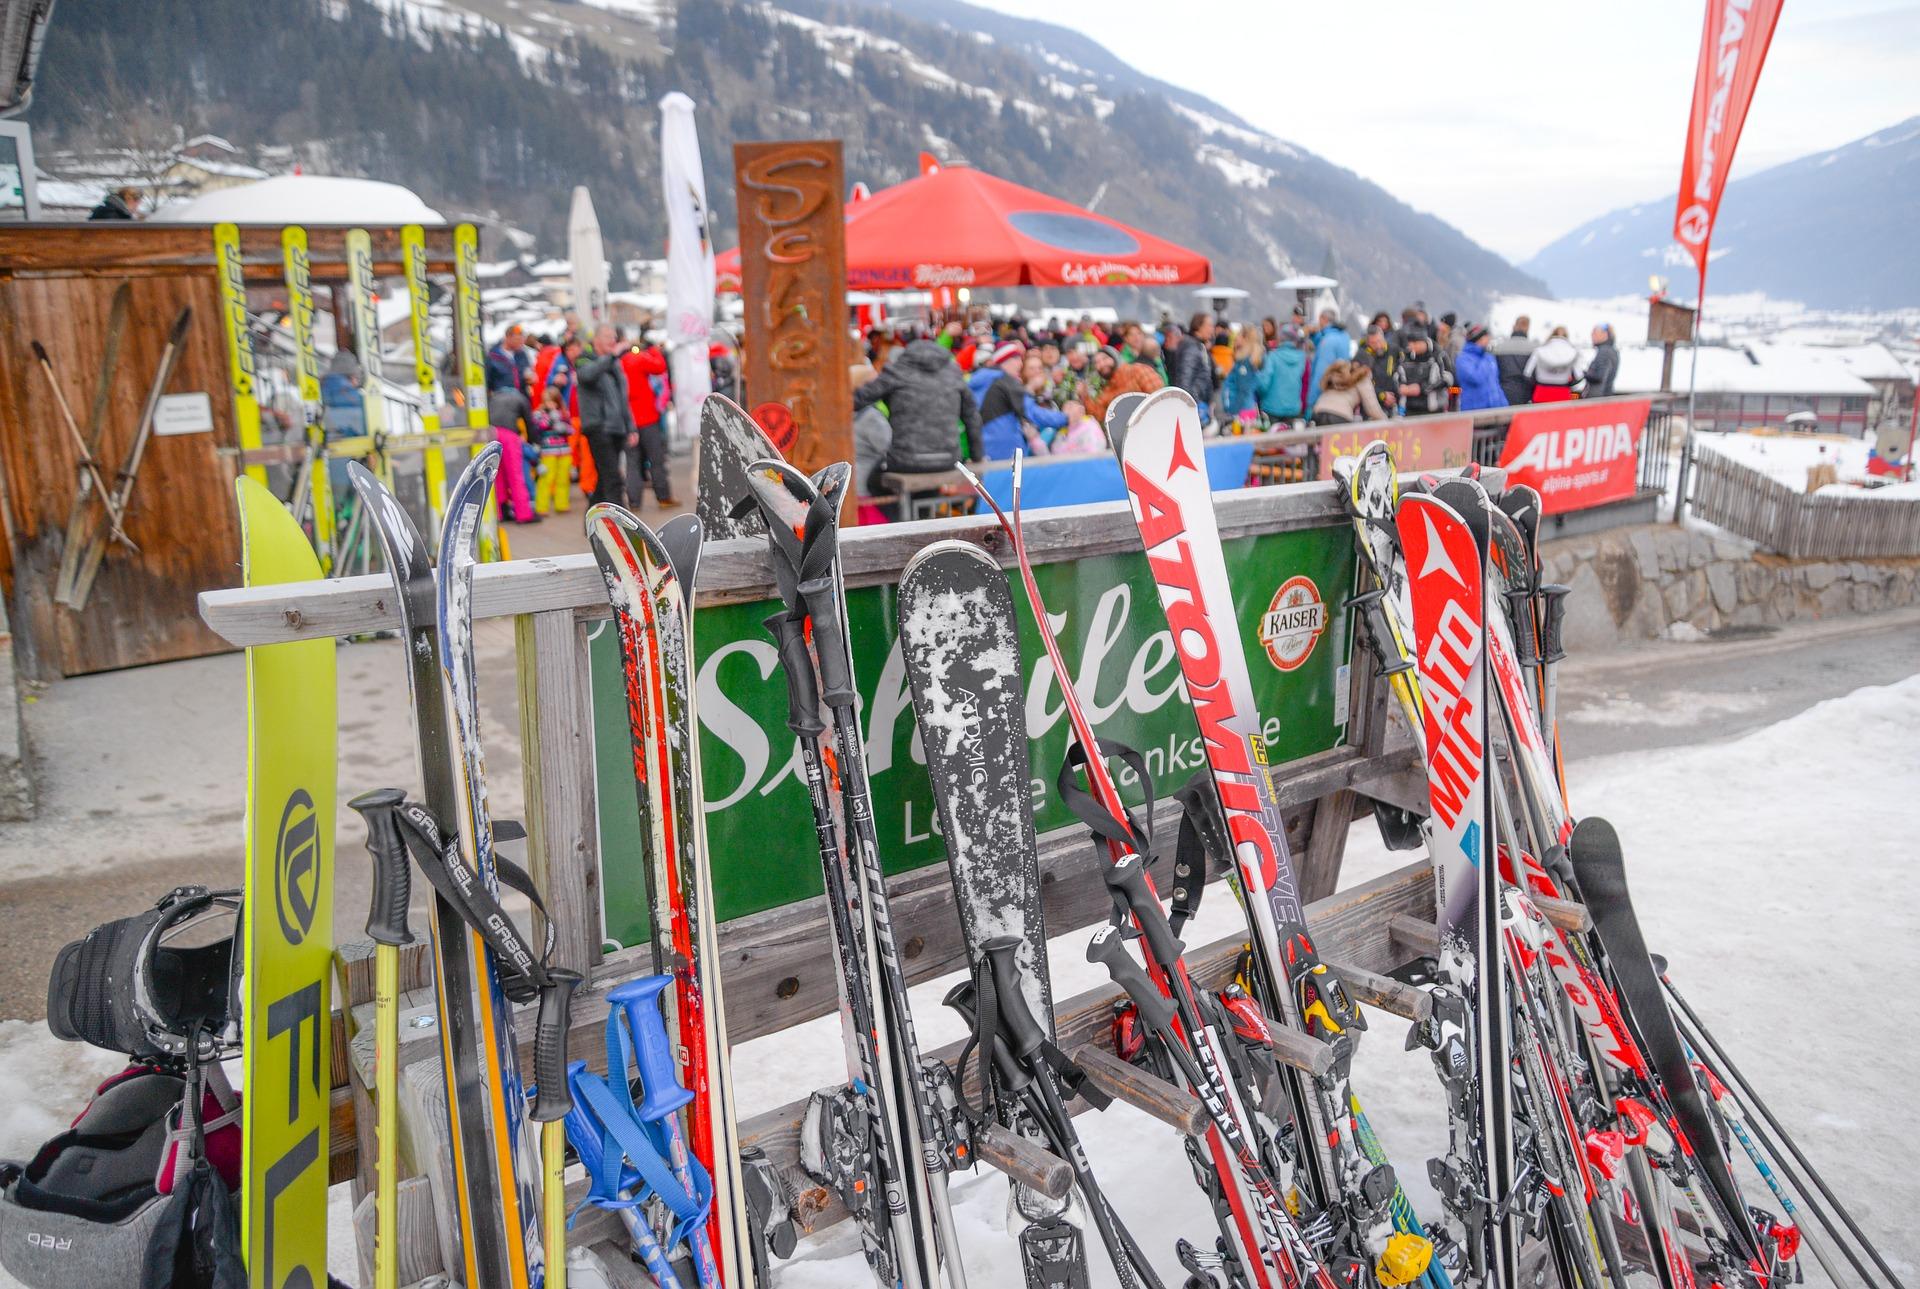 Ski meteen bij een leuke berghut binnen voor het begin van jouw après-ski!